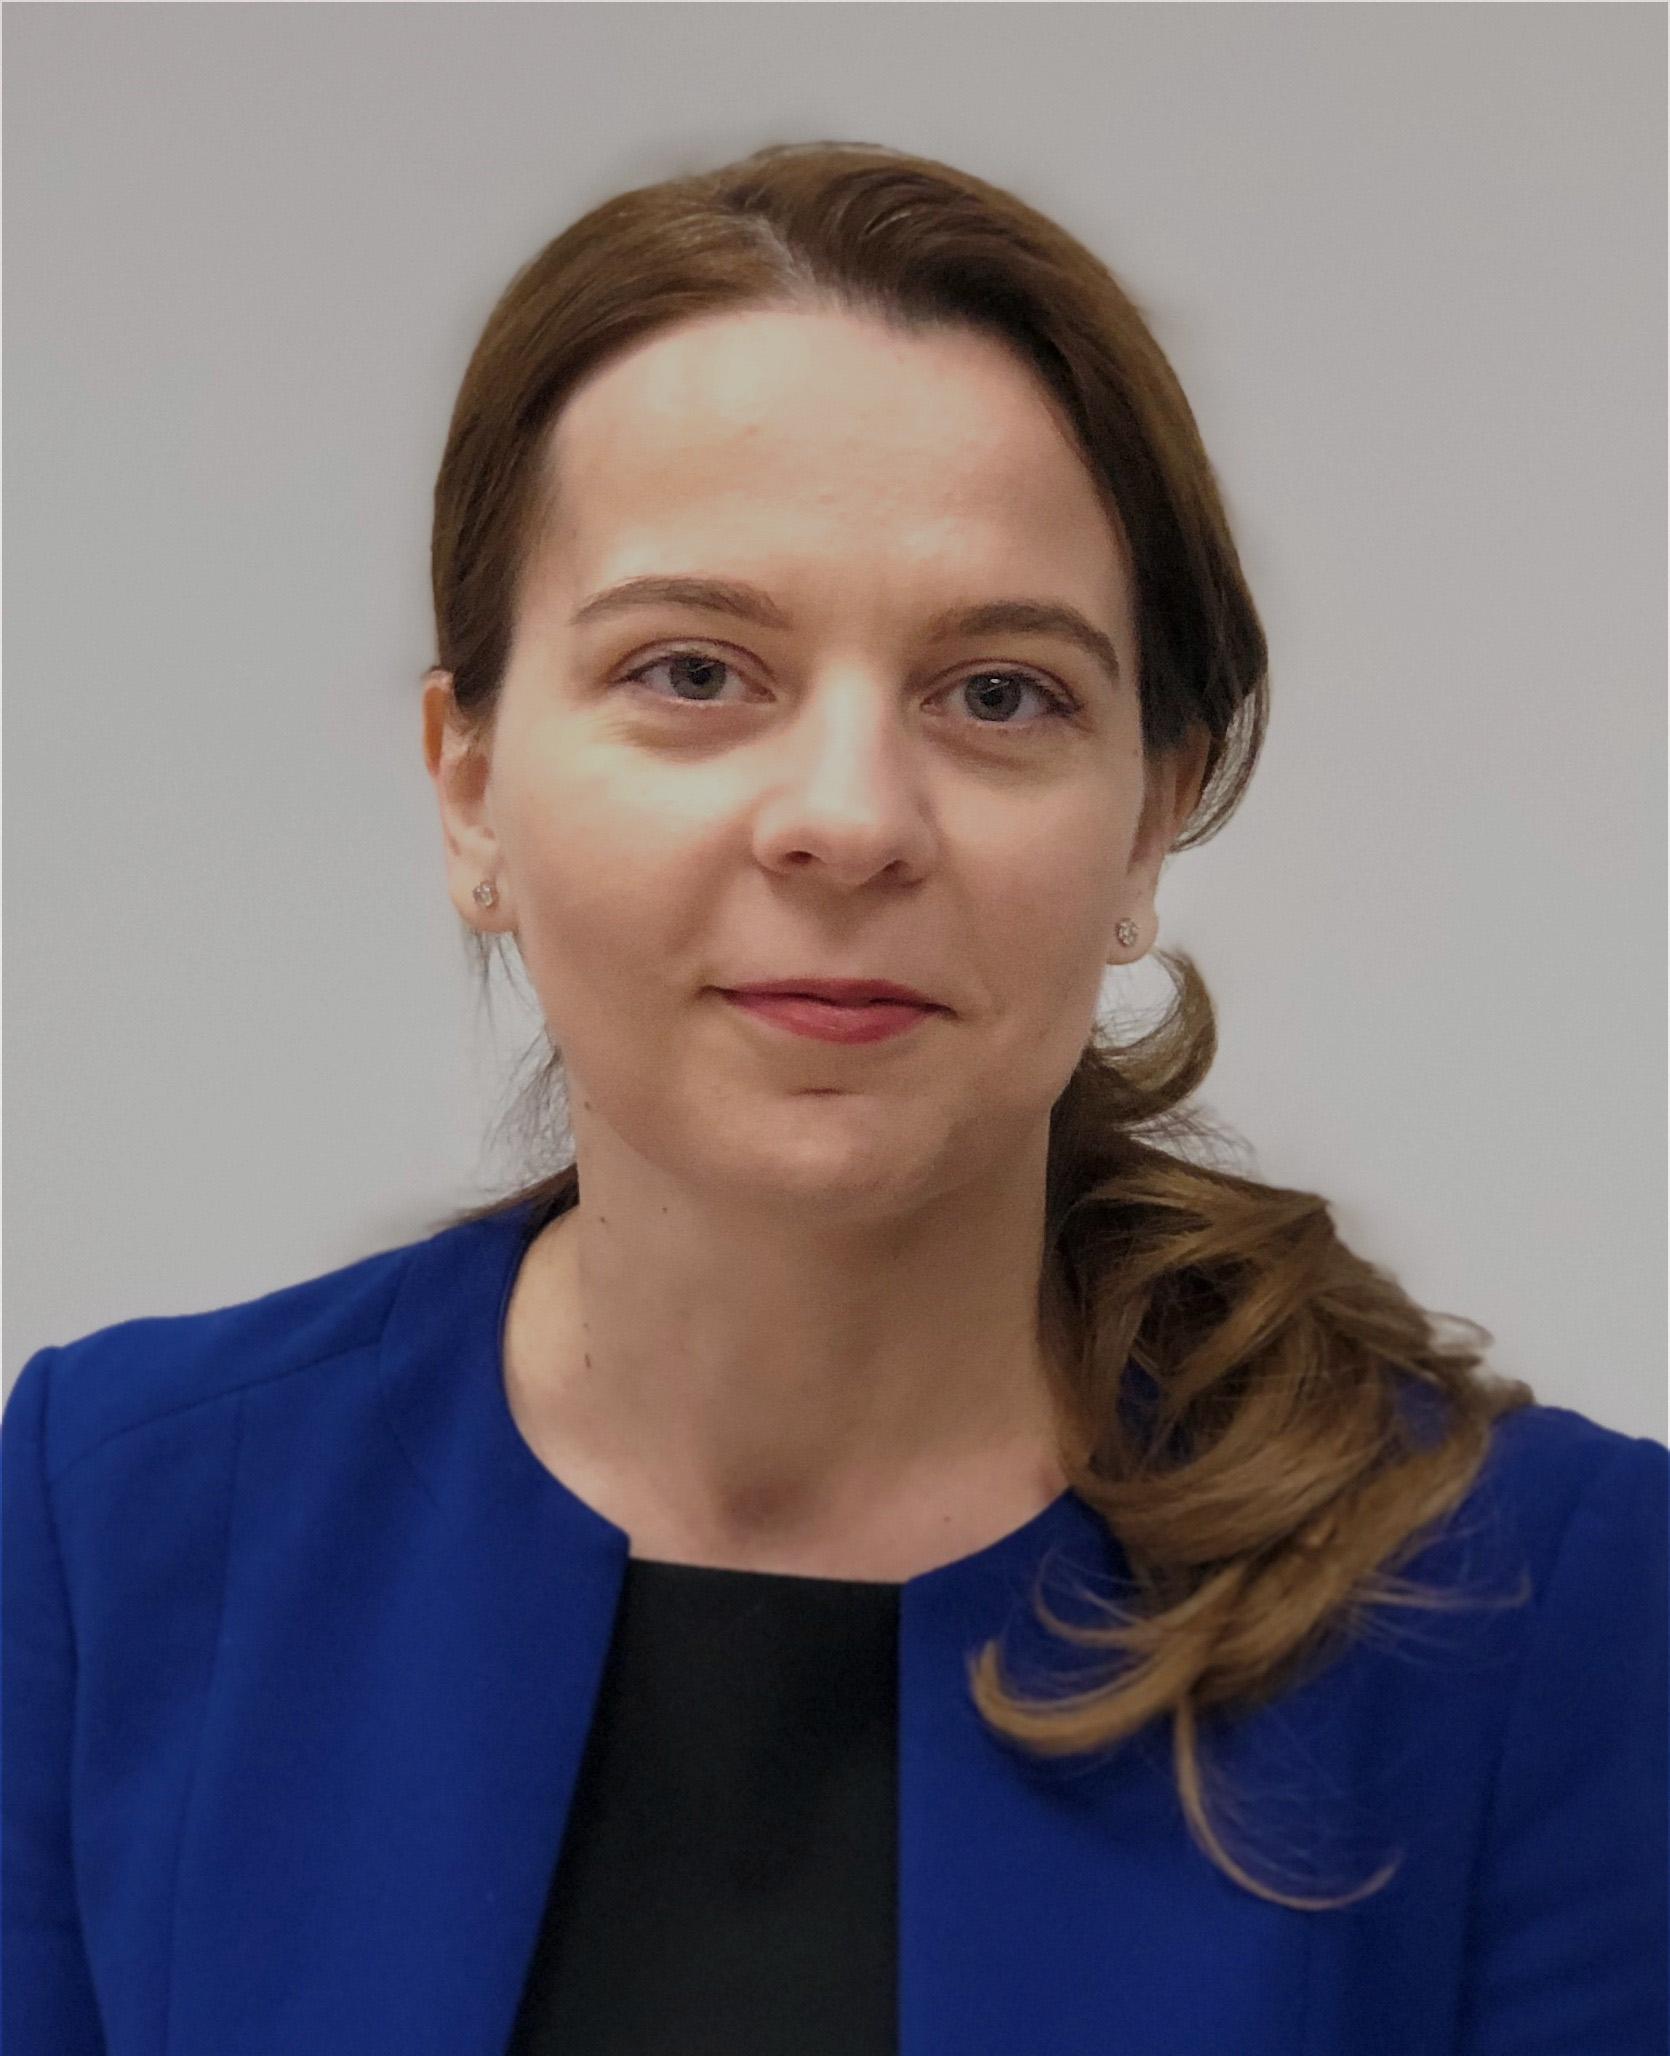 Liliana Lapadatoni: Značaj strategije upravljanja rizicima u poslovnom vođenju kroz krizu